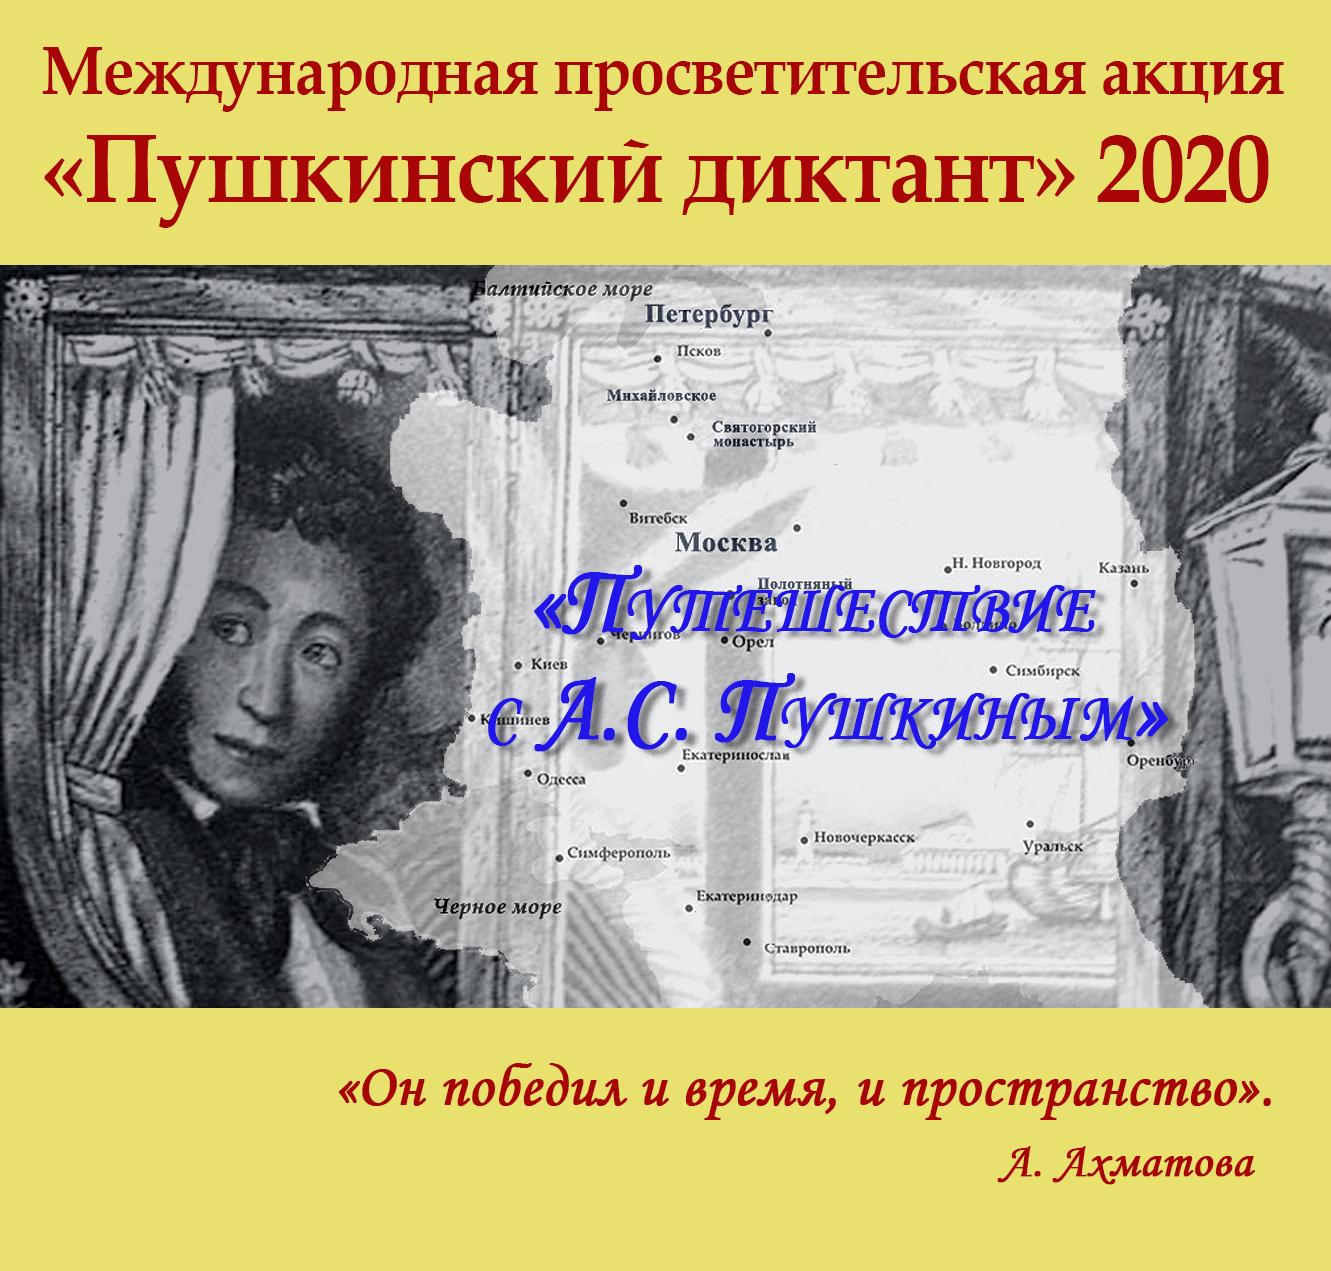 """Международная просветительская акция """"Пушкинский диктант 2020"""""""